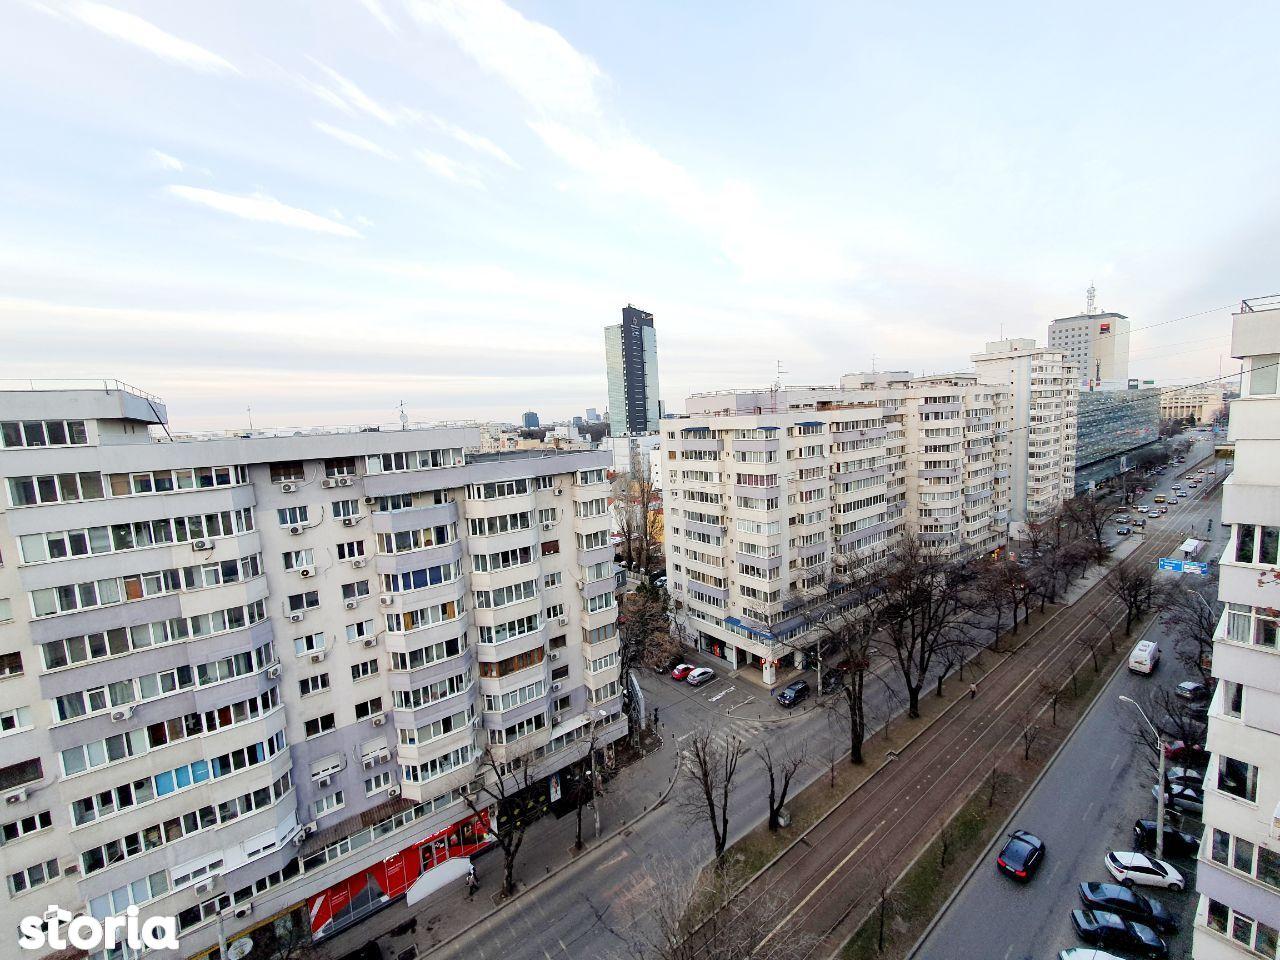 Inchiriere | Apart 3 Cam-2 Balcoane | Pta Victoriei | Mobilier Vienez